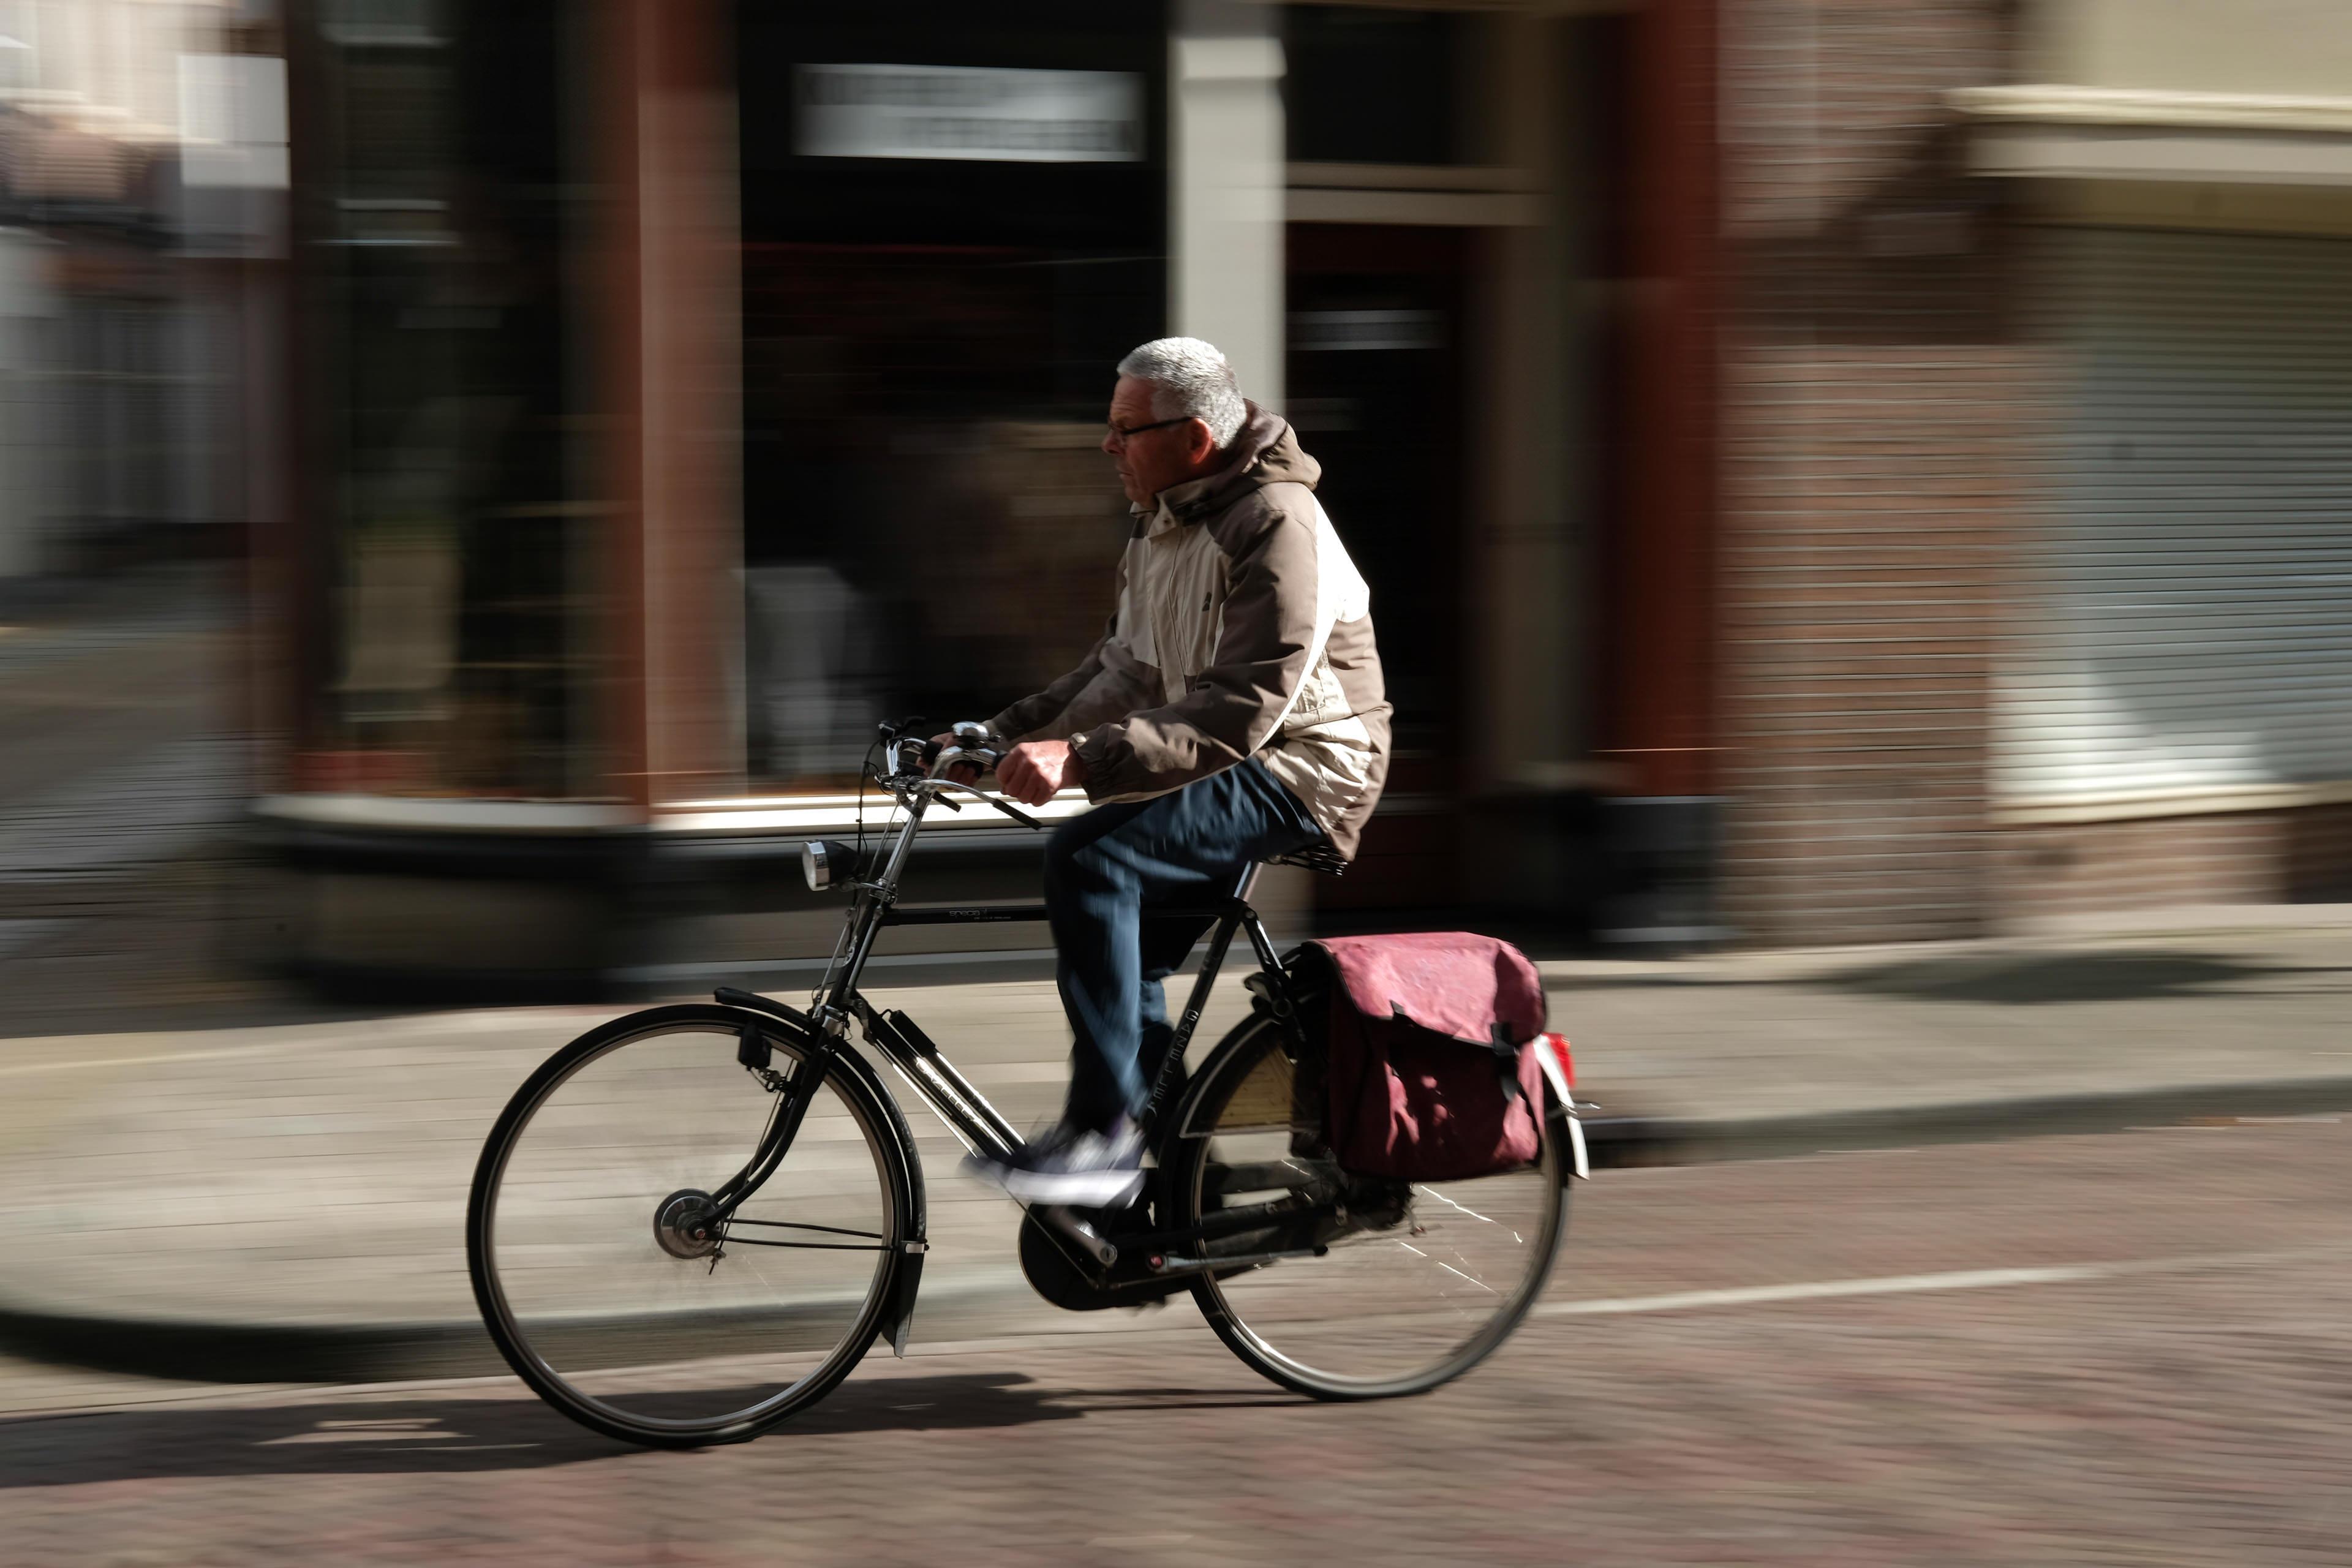 xt2 30f16 35mm fiets1